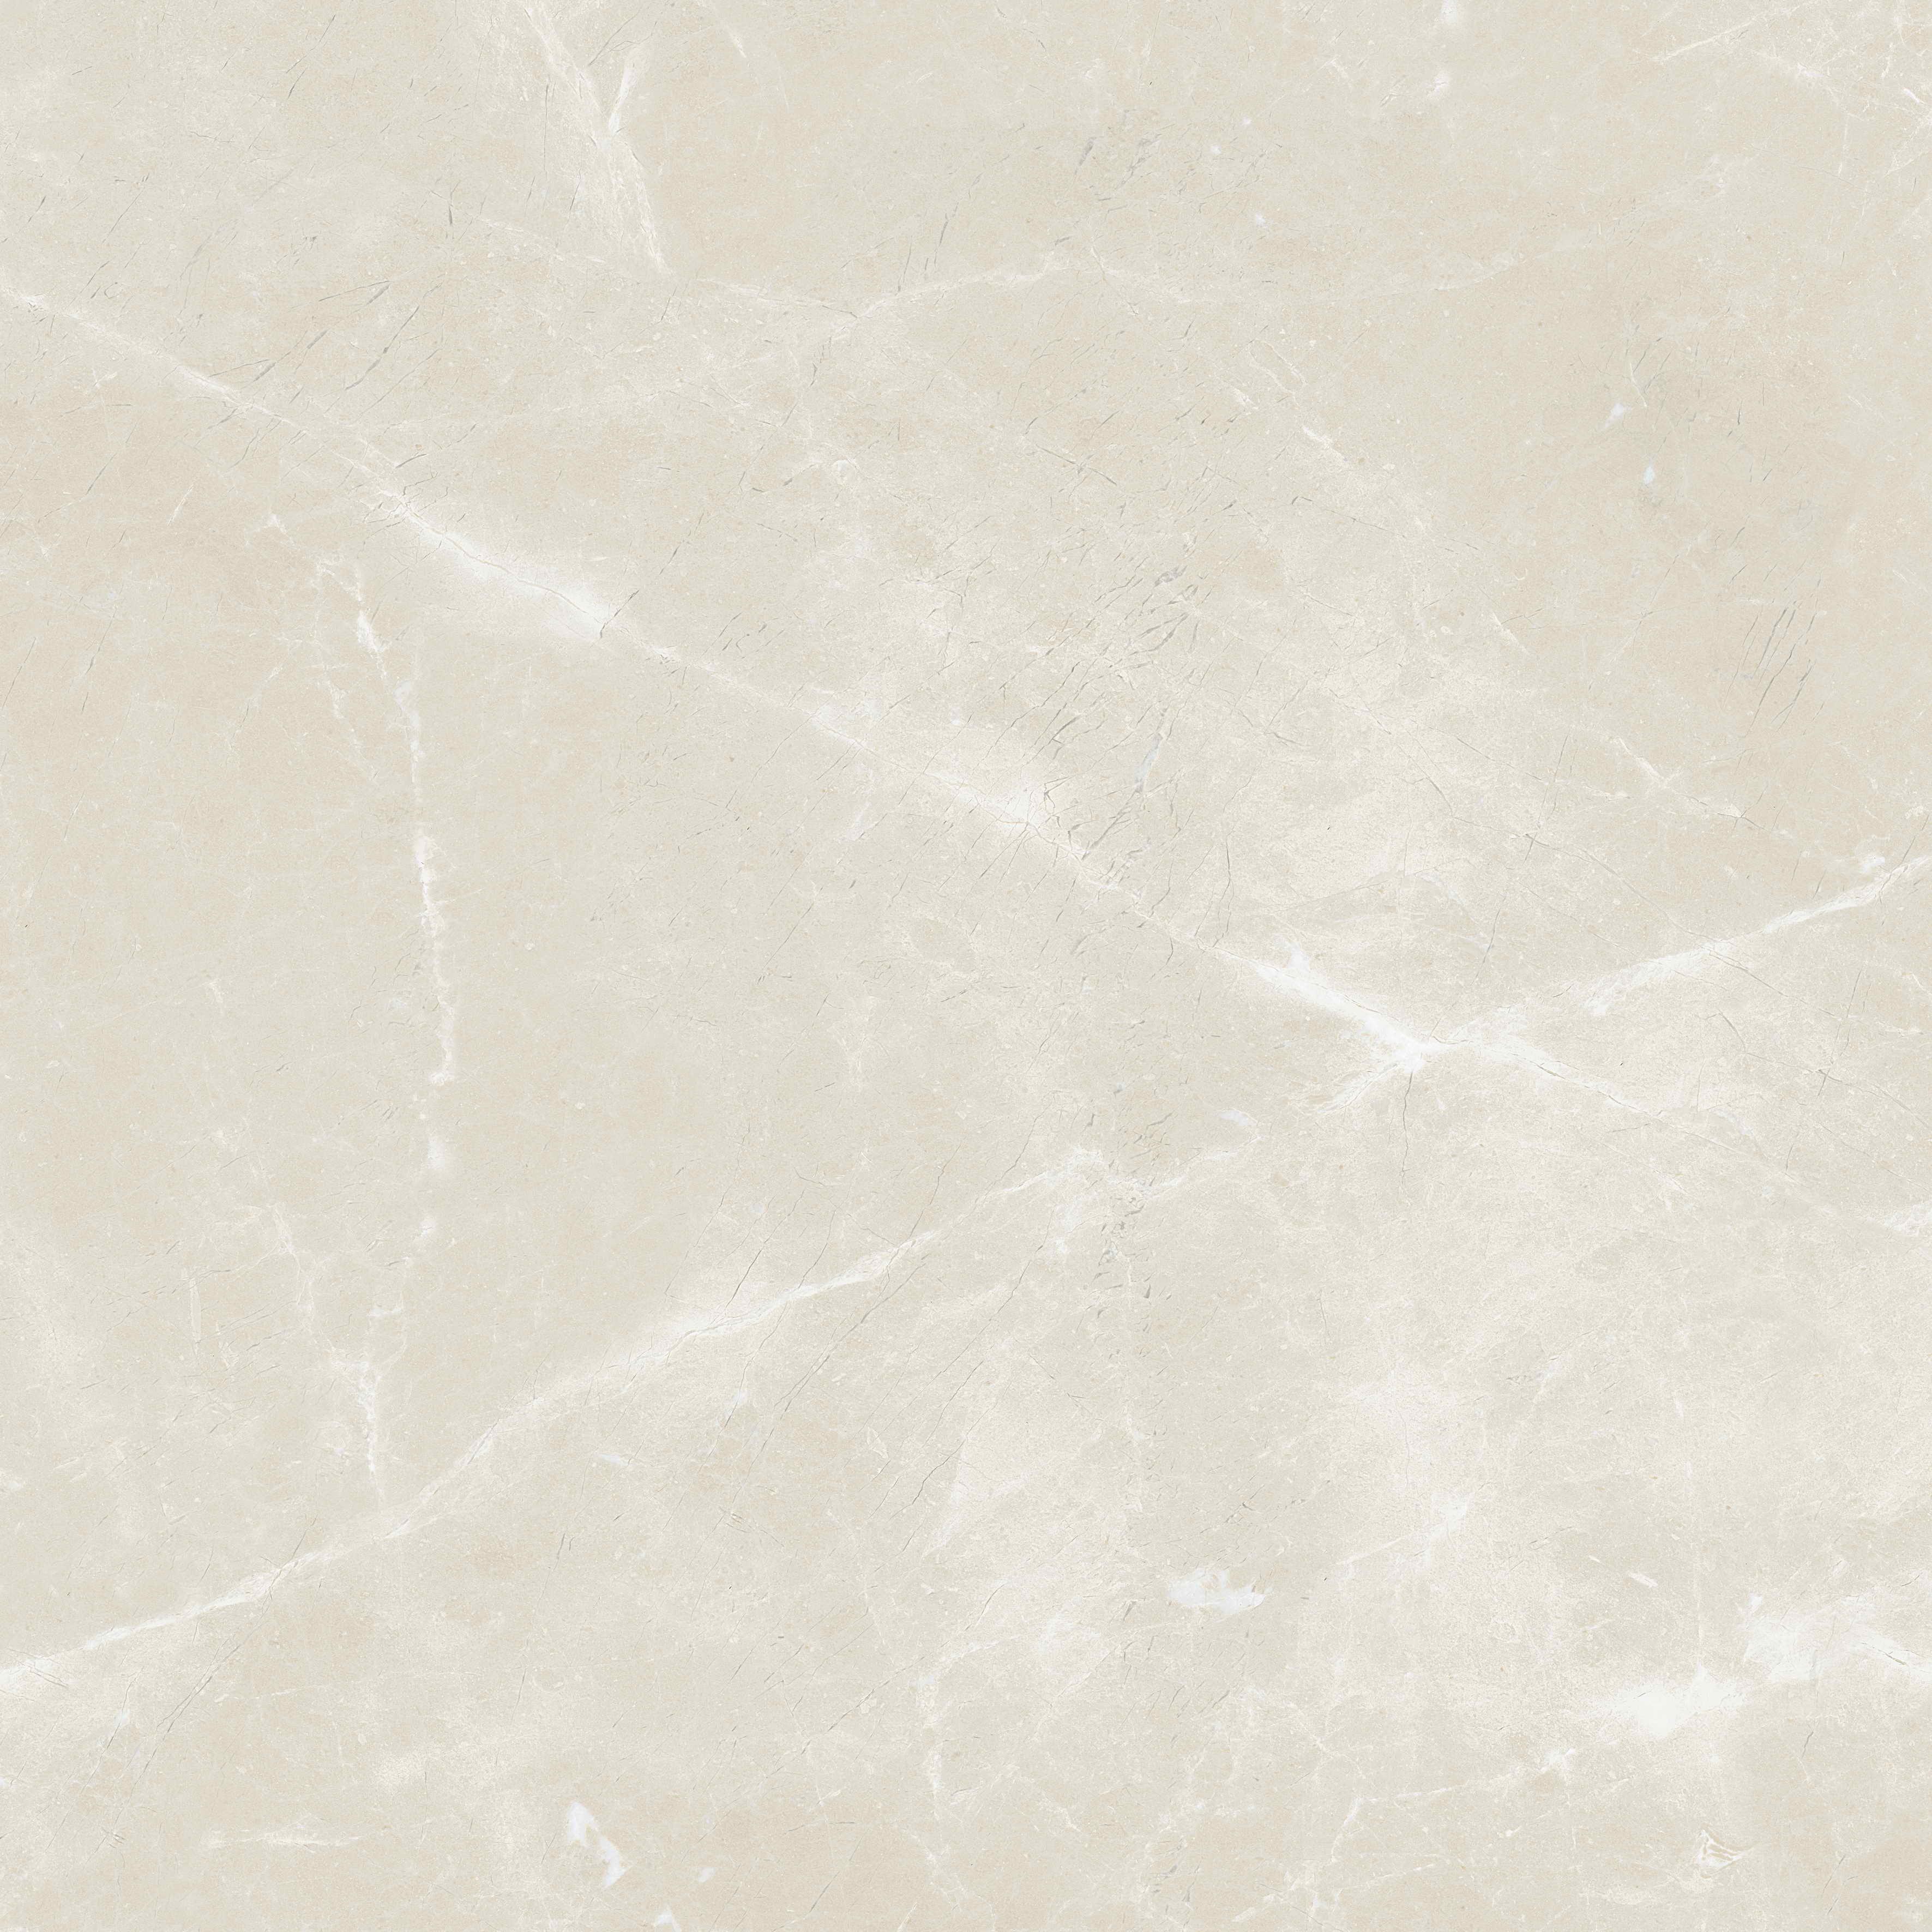 负离子通体大理石瓷砖800*800防滑耐磨瓷砖(家庭装修瓷砖)